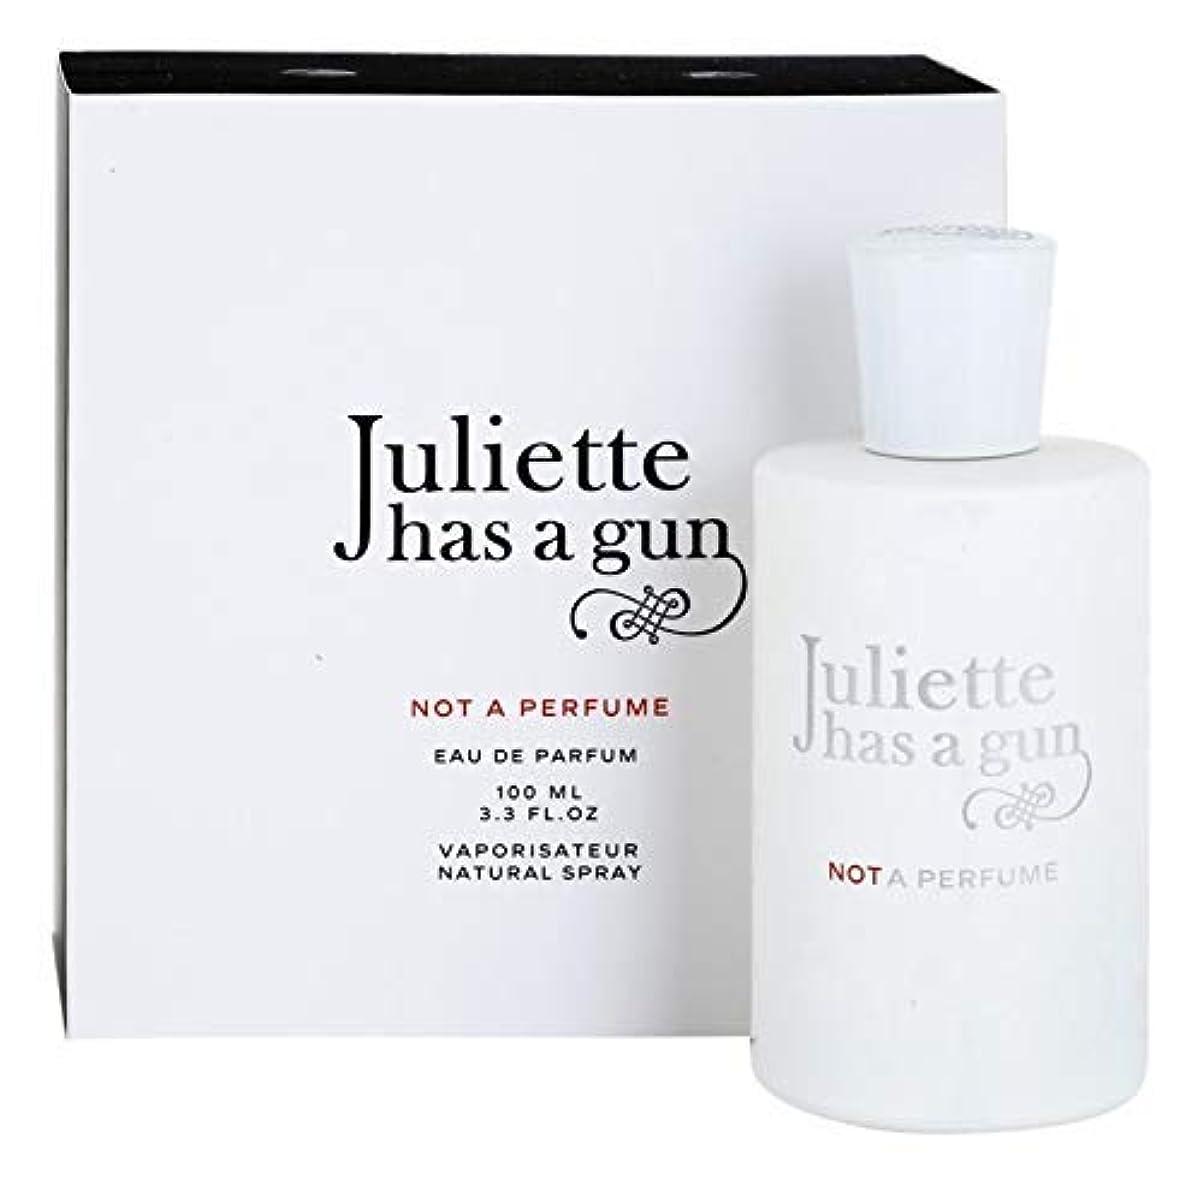 必需品蜜プロペラHIT! 100% Authentic Juliette Has A Gun NOT A Perfume Eau de Perfume 100ml Made in France + 2 Niche Perfume Samples...